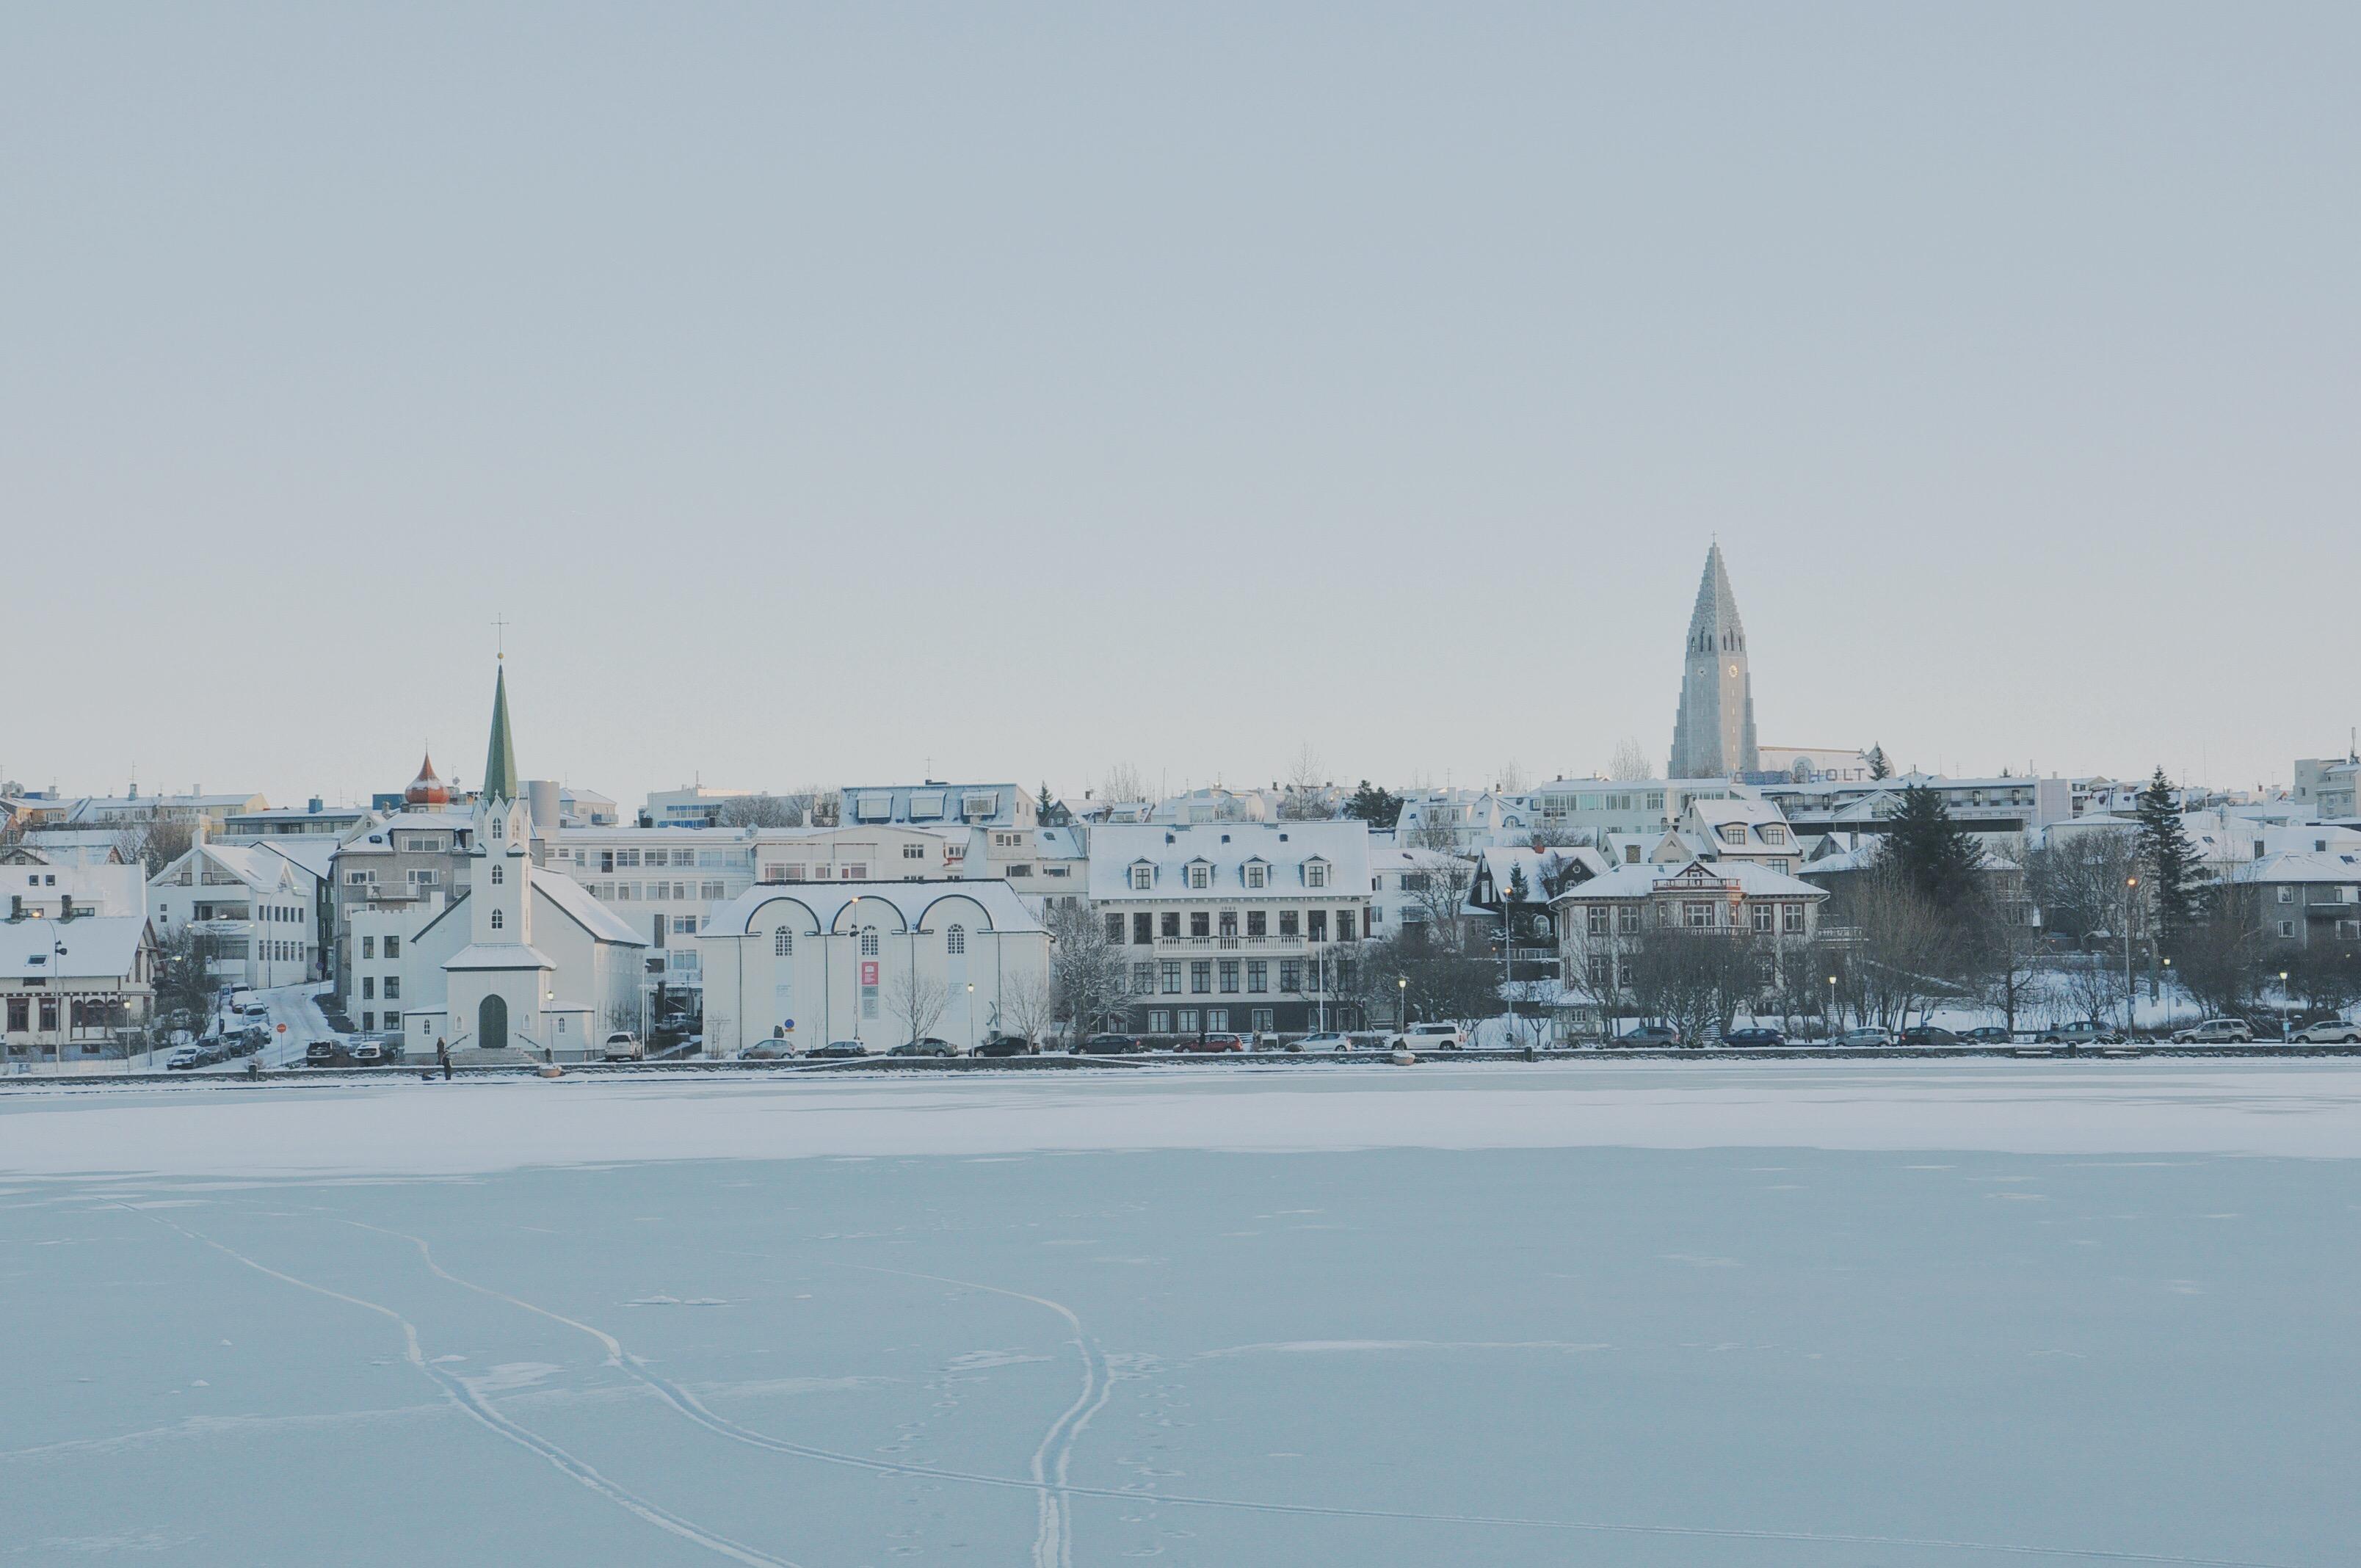 El lago Tjörnin en el centro de Reikiavik se congela regularmente en invierno.